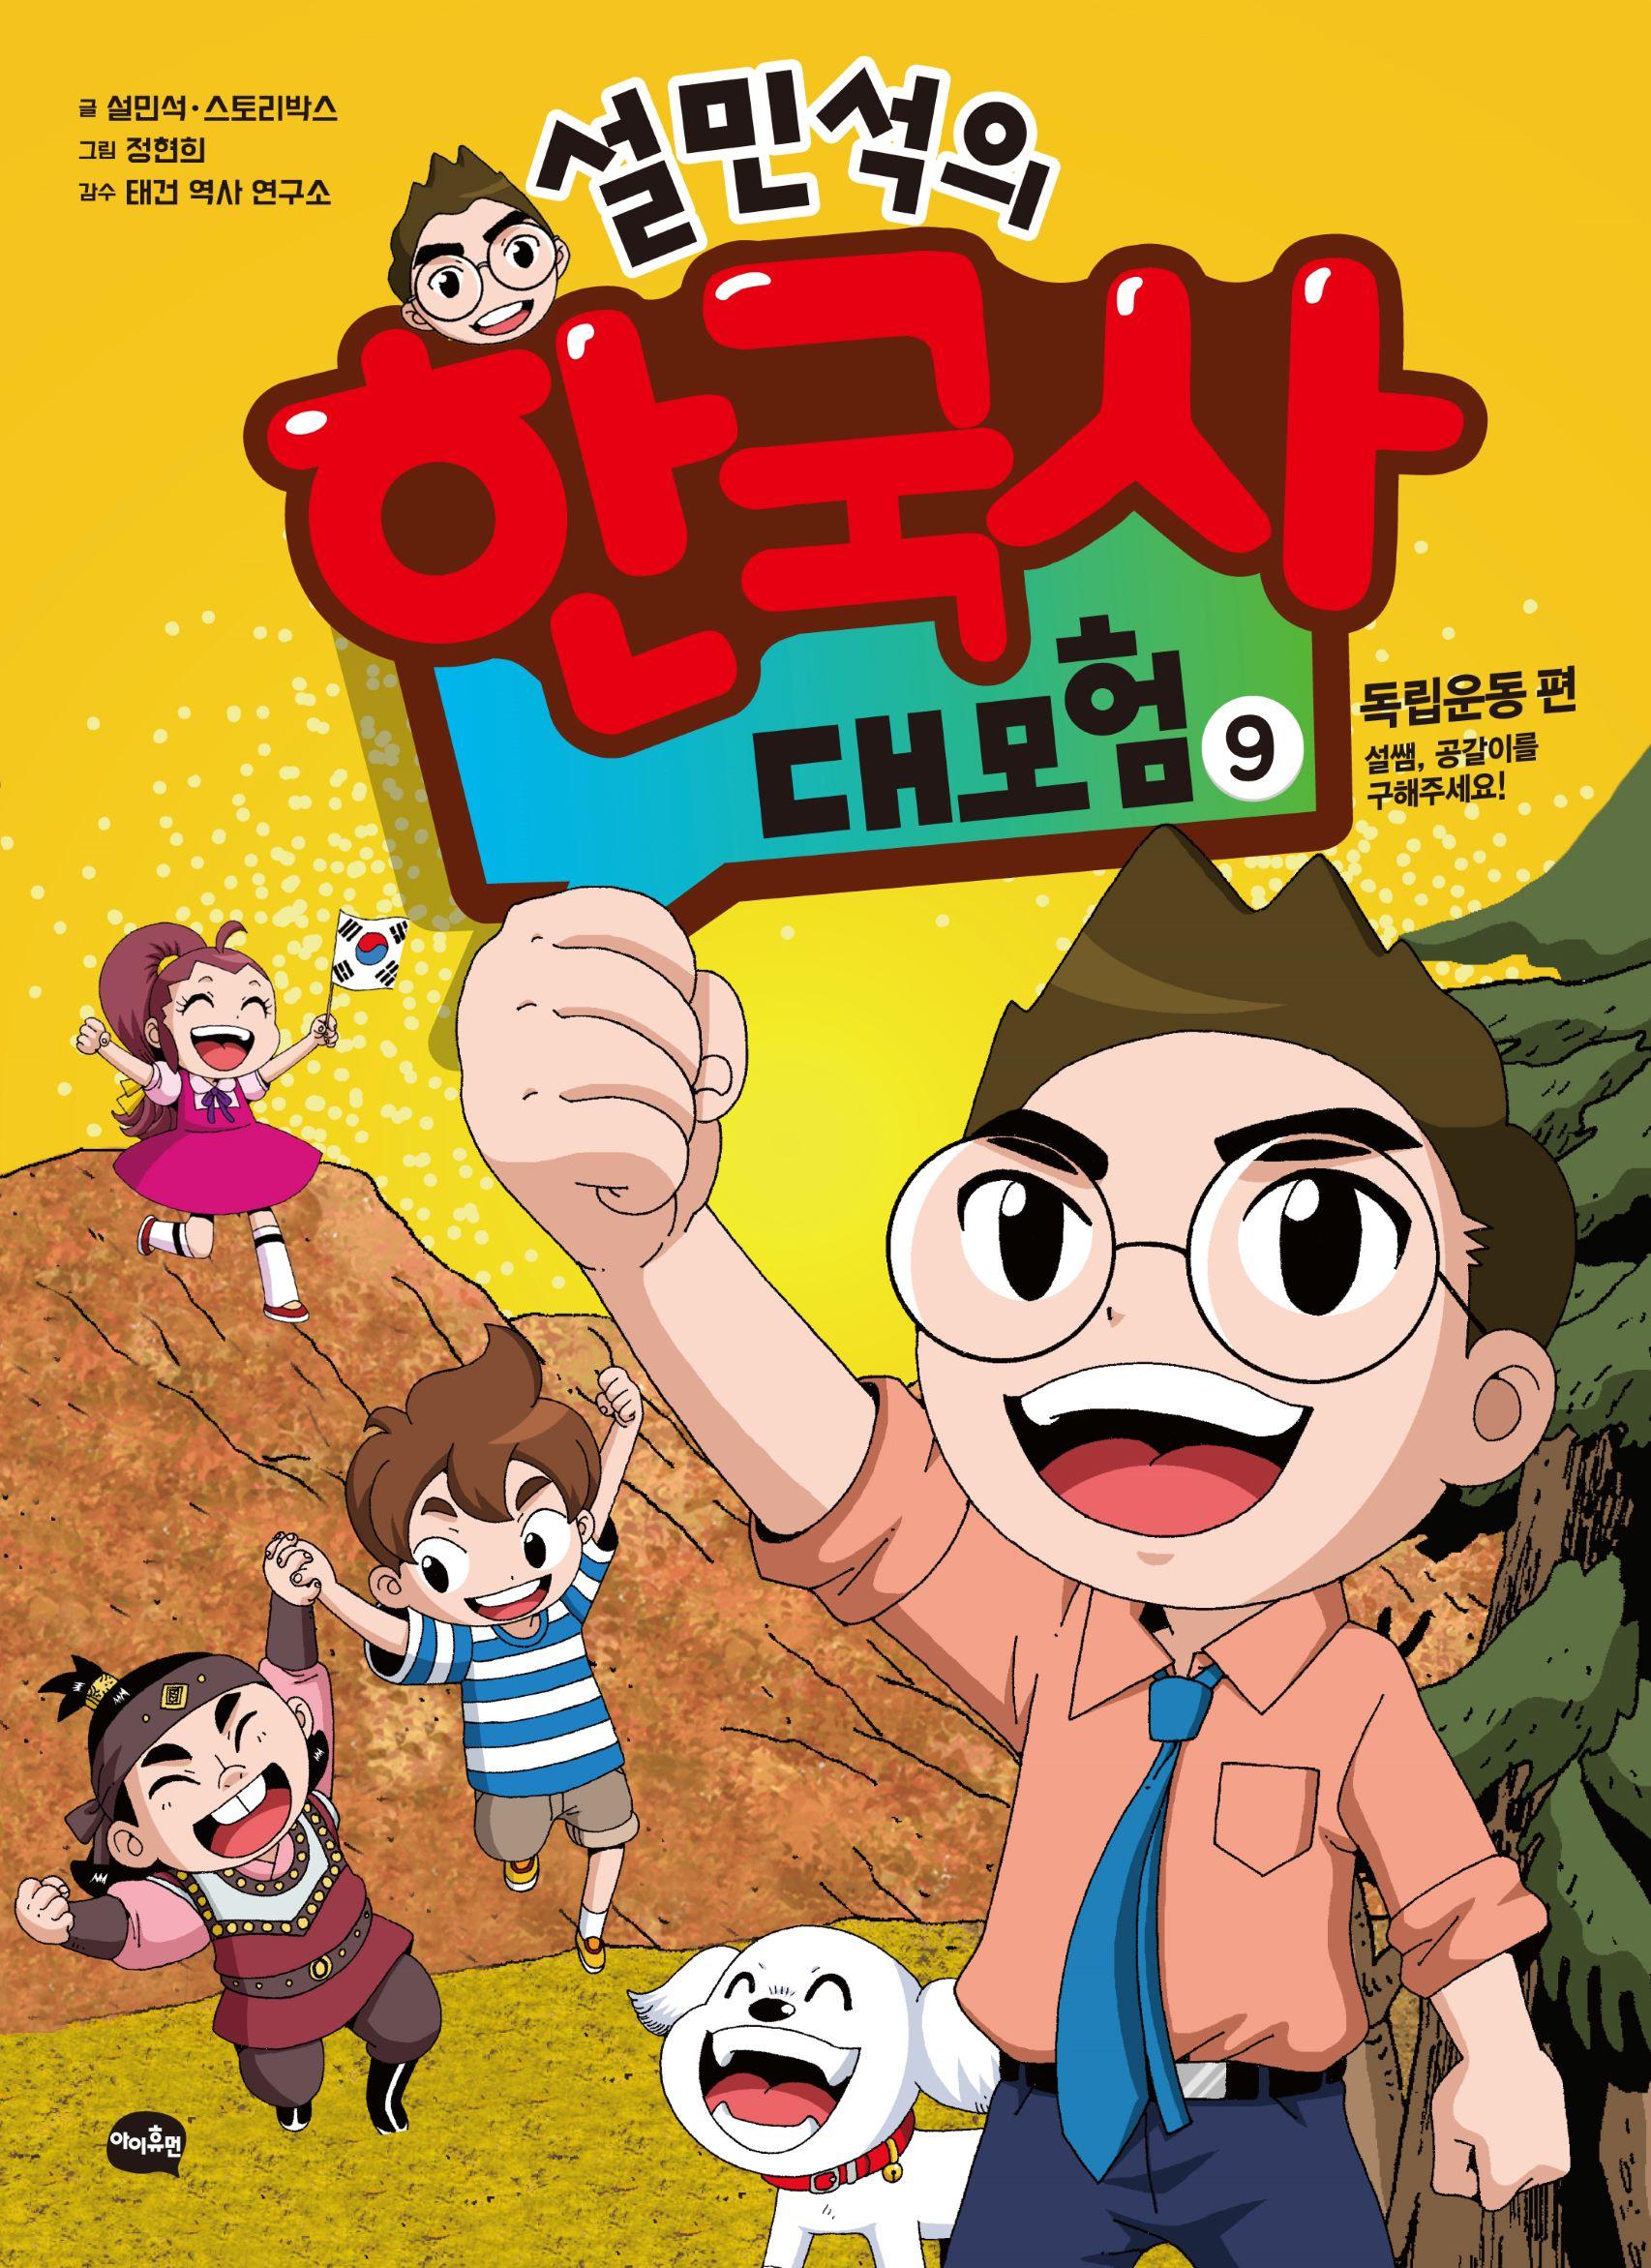 (설민석의)한국사 대모험. 9, 독립운동 편: 설쌤, 공갈이를 구해주세요!